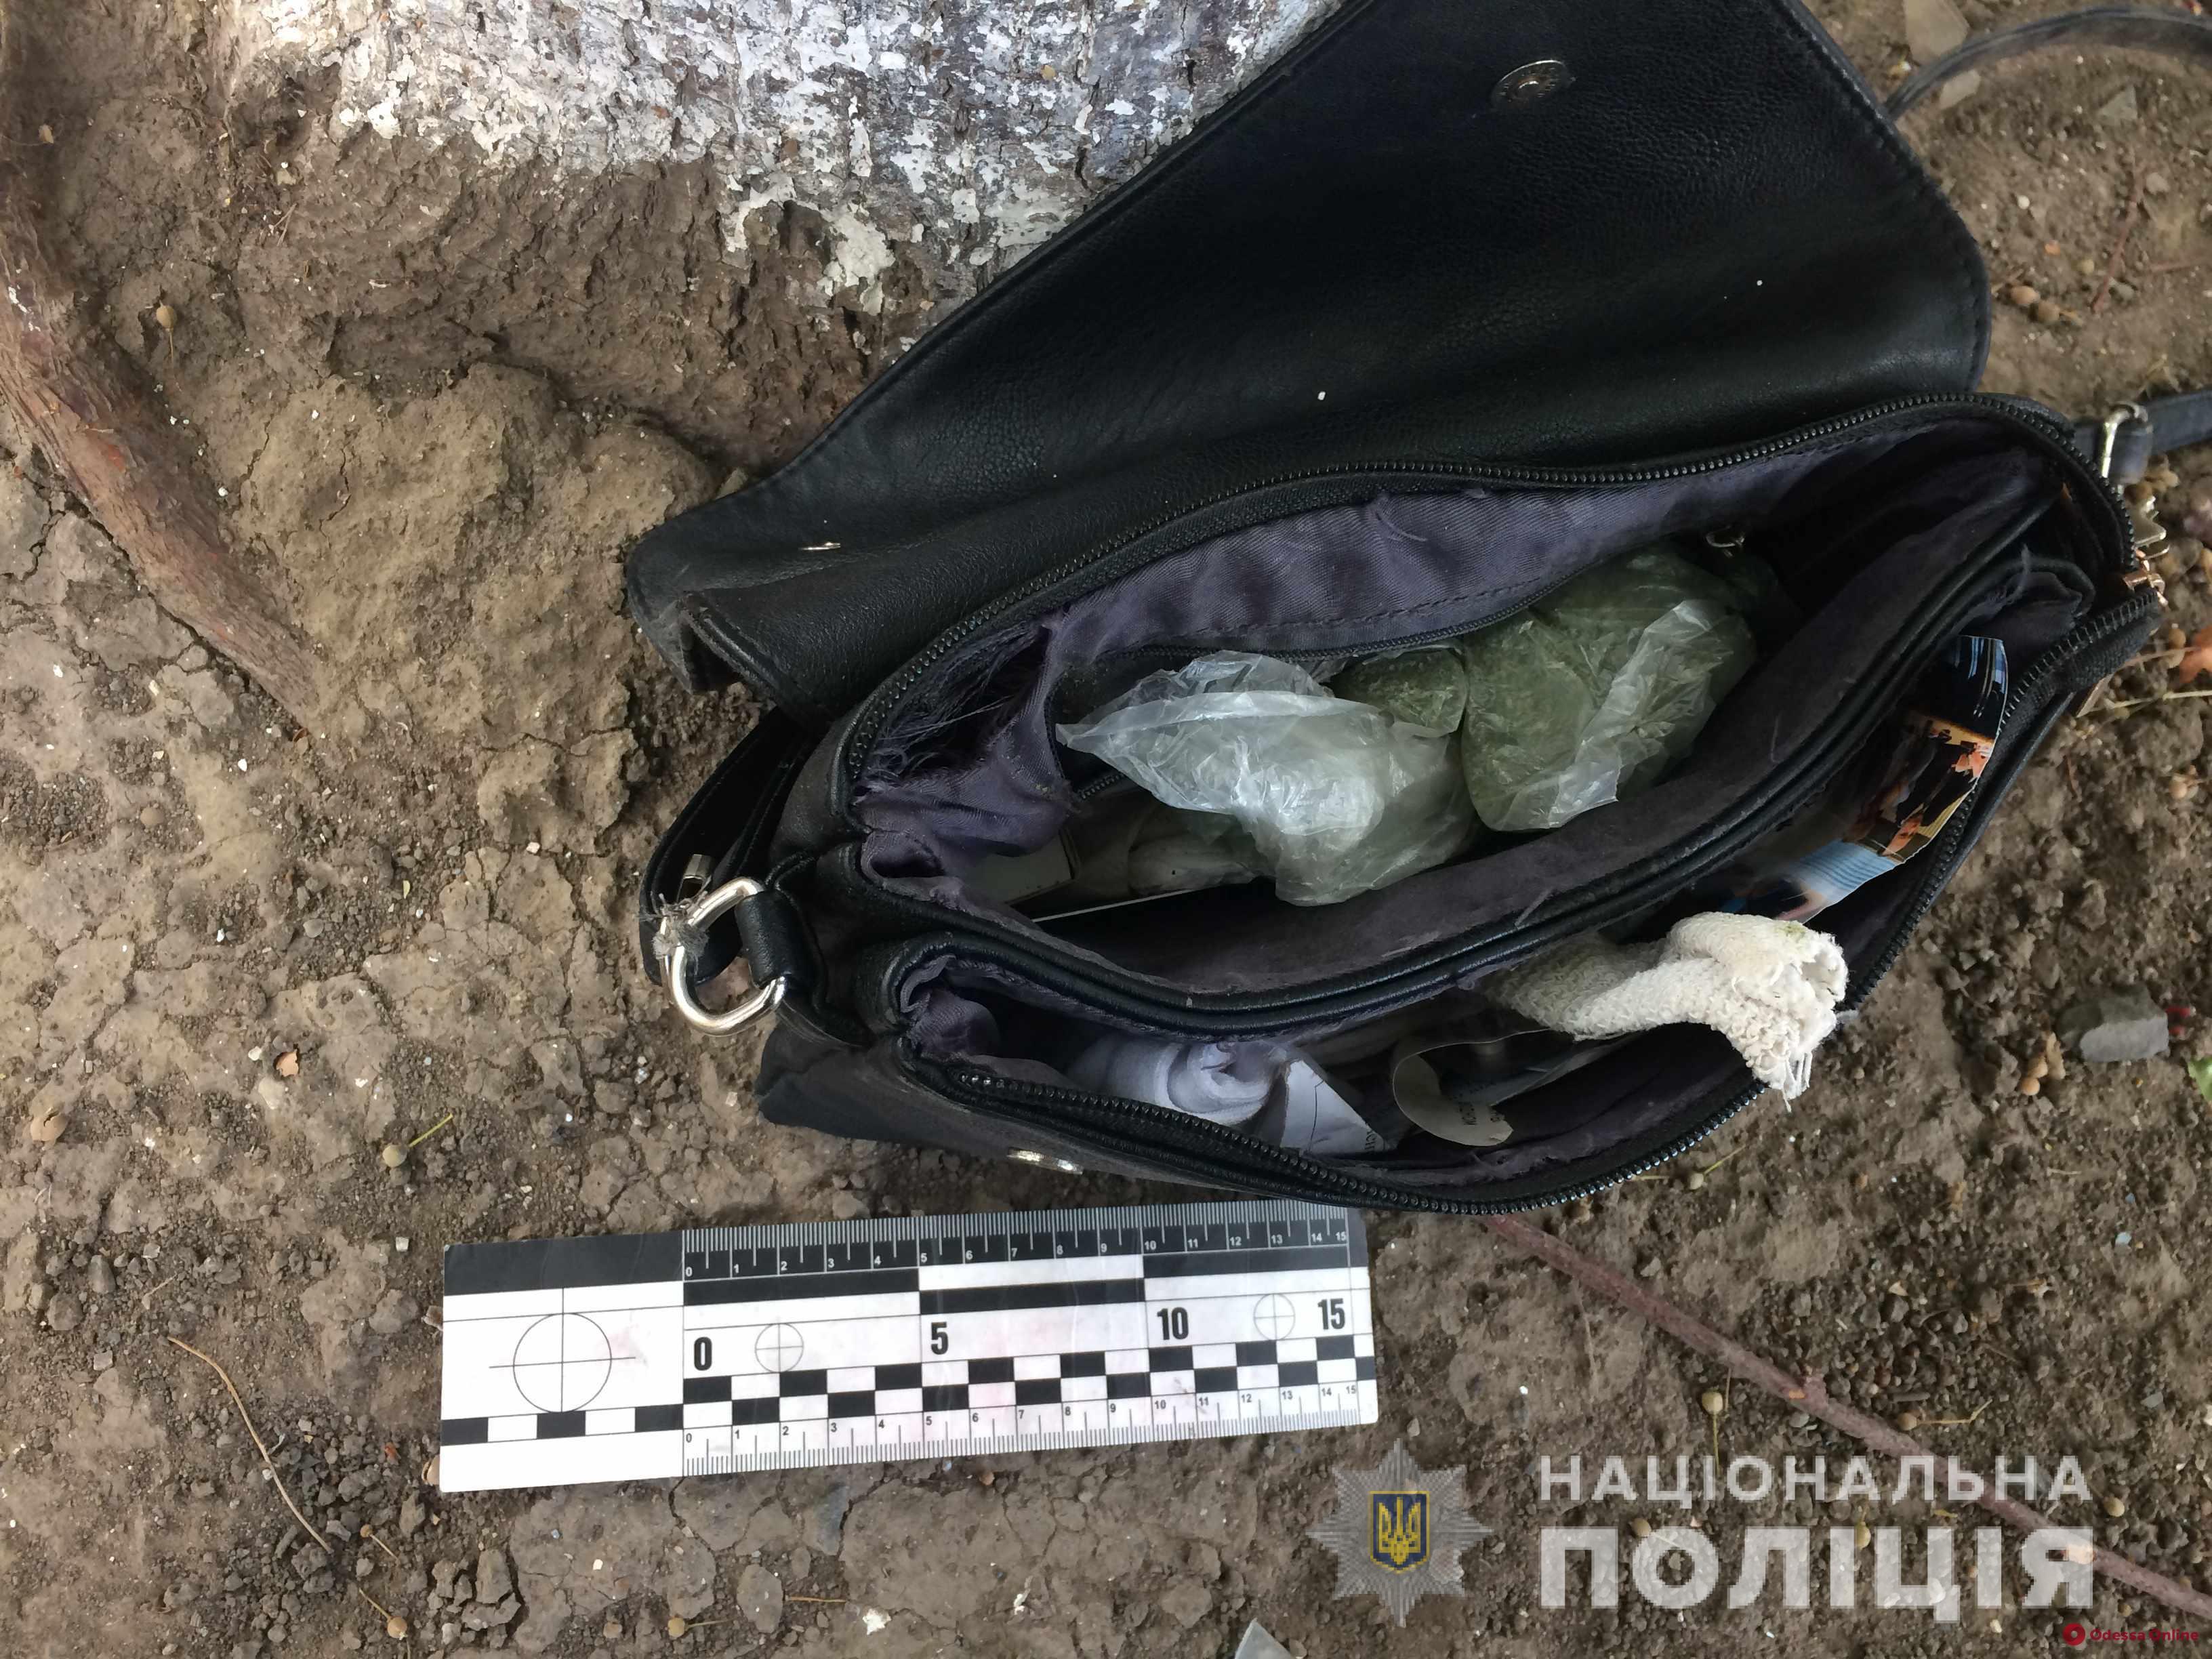 Три года тюрьмы грозит жительнице Черноморска за марихуану в сумочке